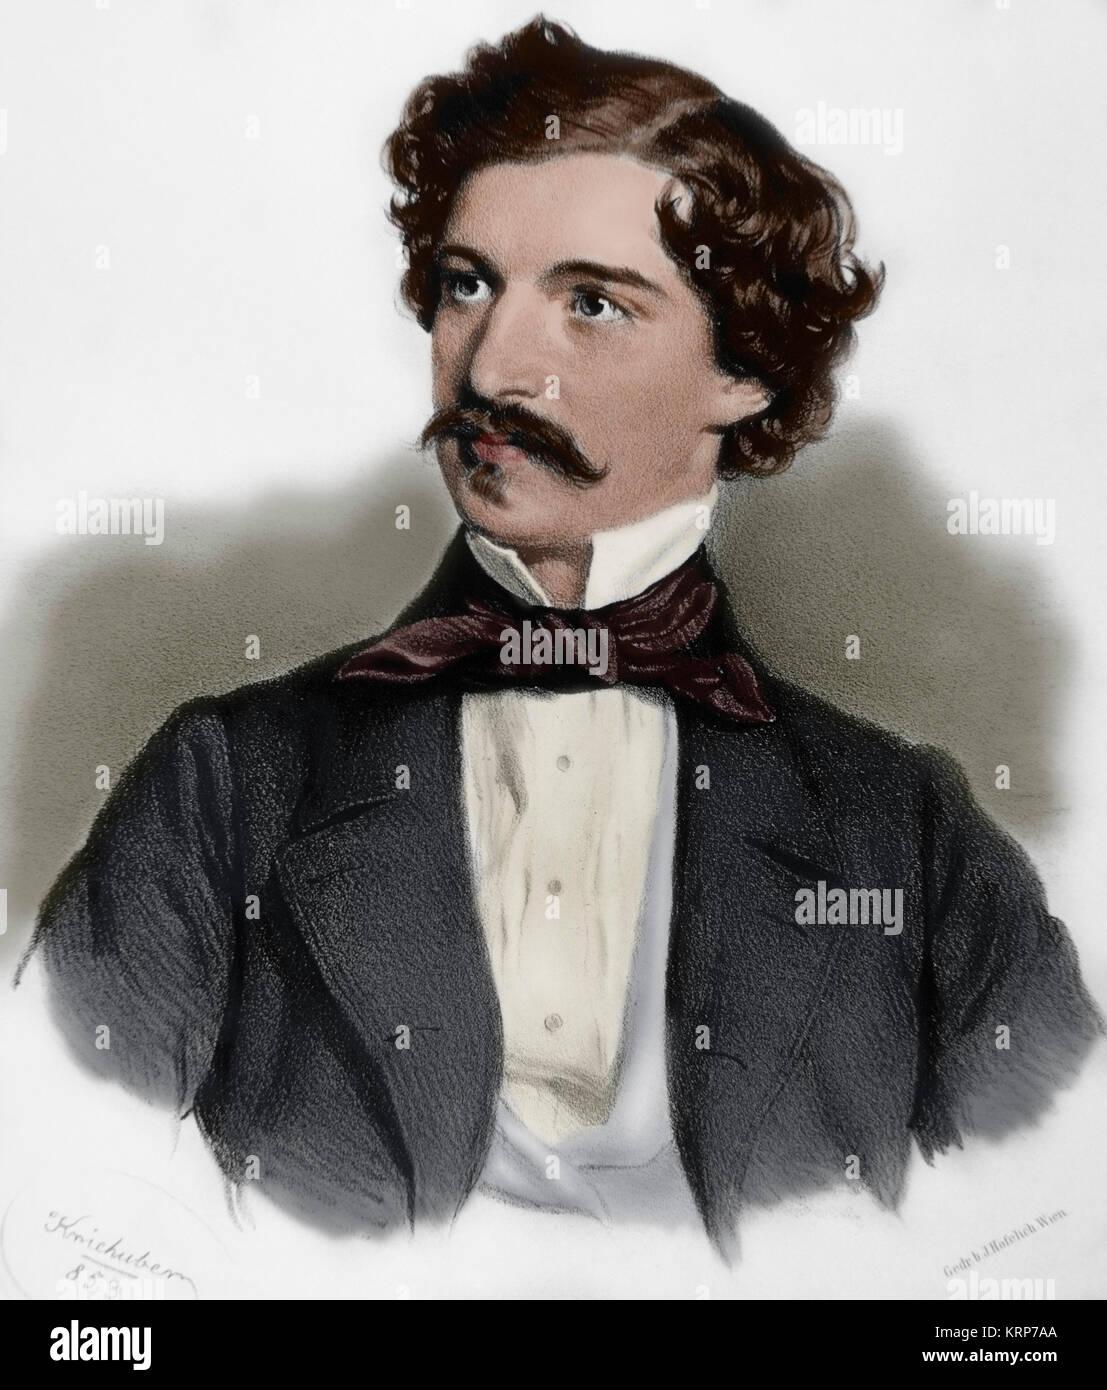 Johann Strauss II (1825-1899). Il compositore austriaco di musica leggera. Ritratto. Incisione di Joseph Kriehuber Immagini Stock